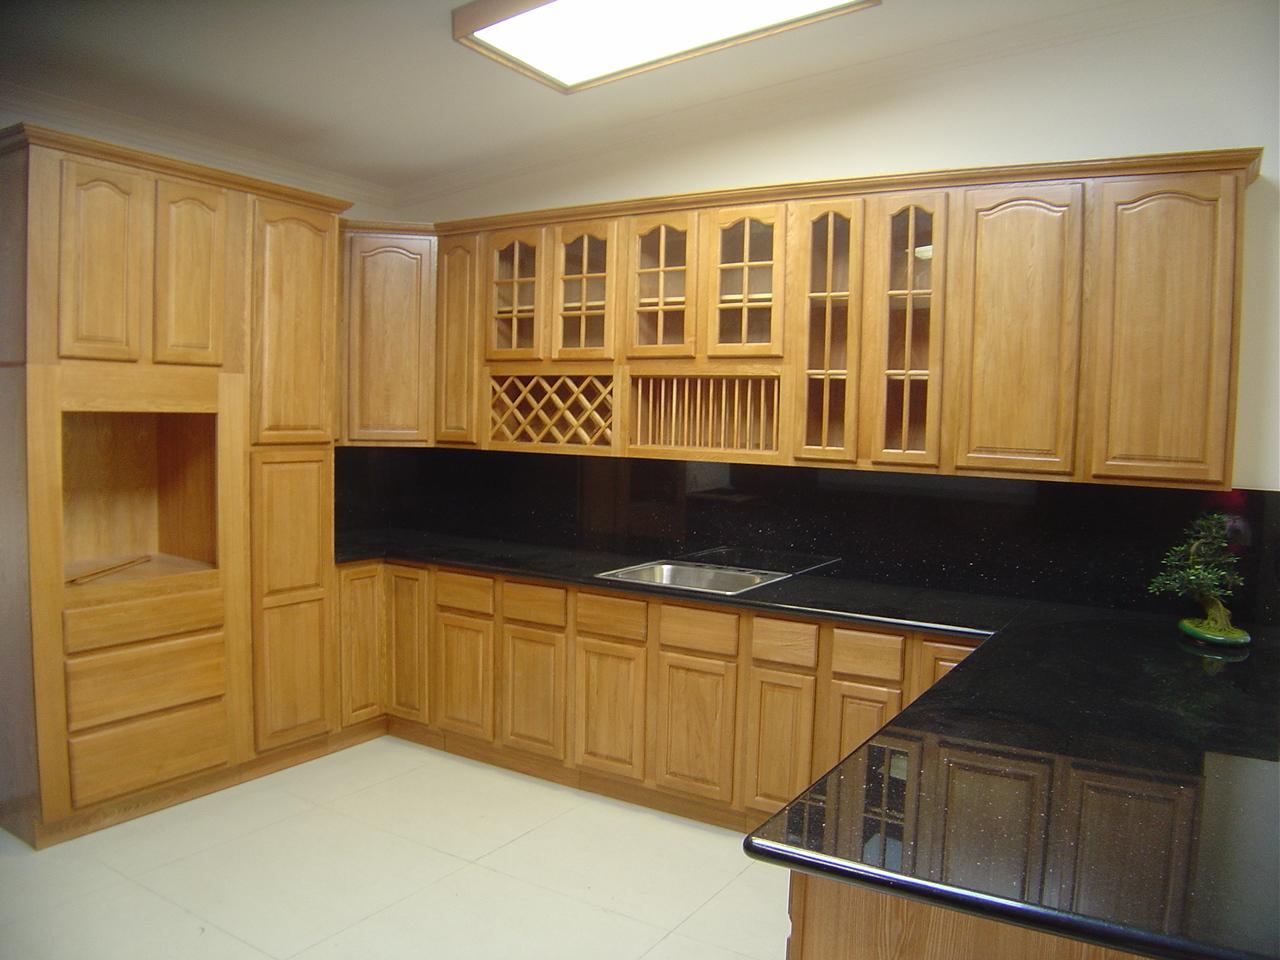 Orange Kitchen Accessories Kitchen Ideas,Spa Website Inspiration